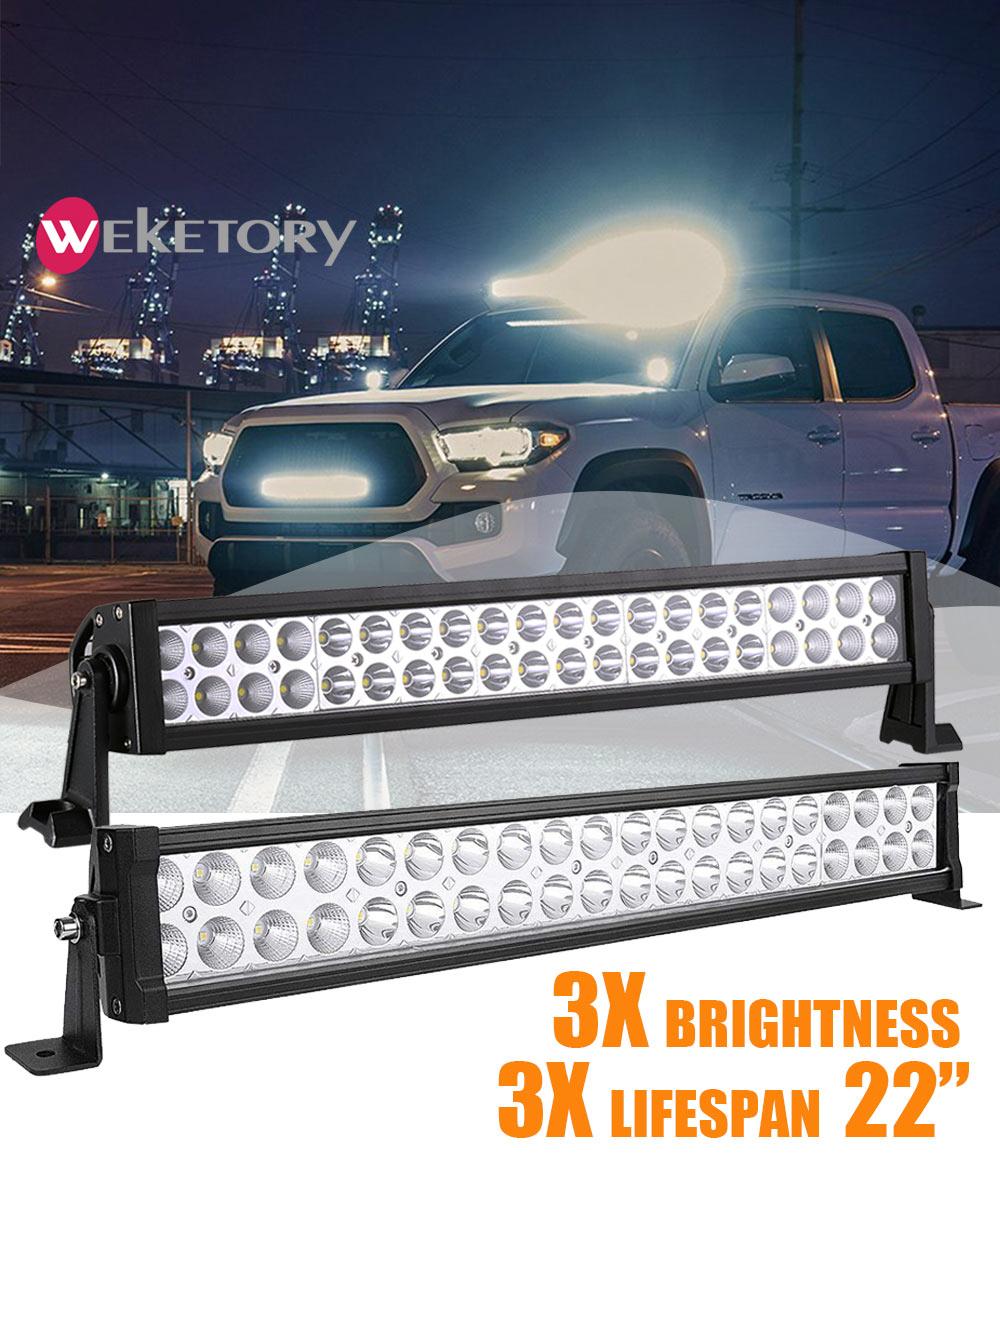 Светодиодный рабочий светильник, 22 дюйма, светодиодный светильник 120 Вт для работы, вождения, лодки, автомобиля, грузовика, 4x4, внедорожника, ...